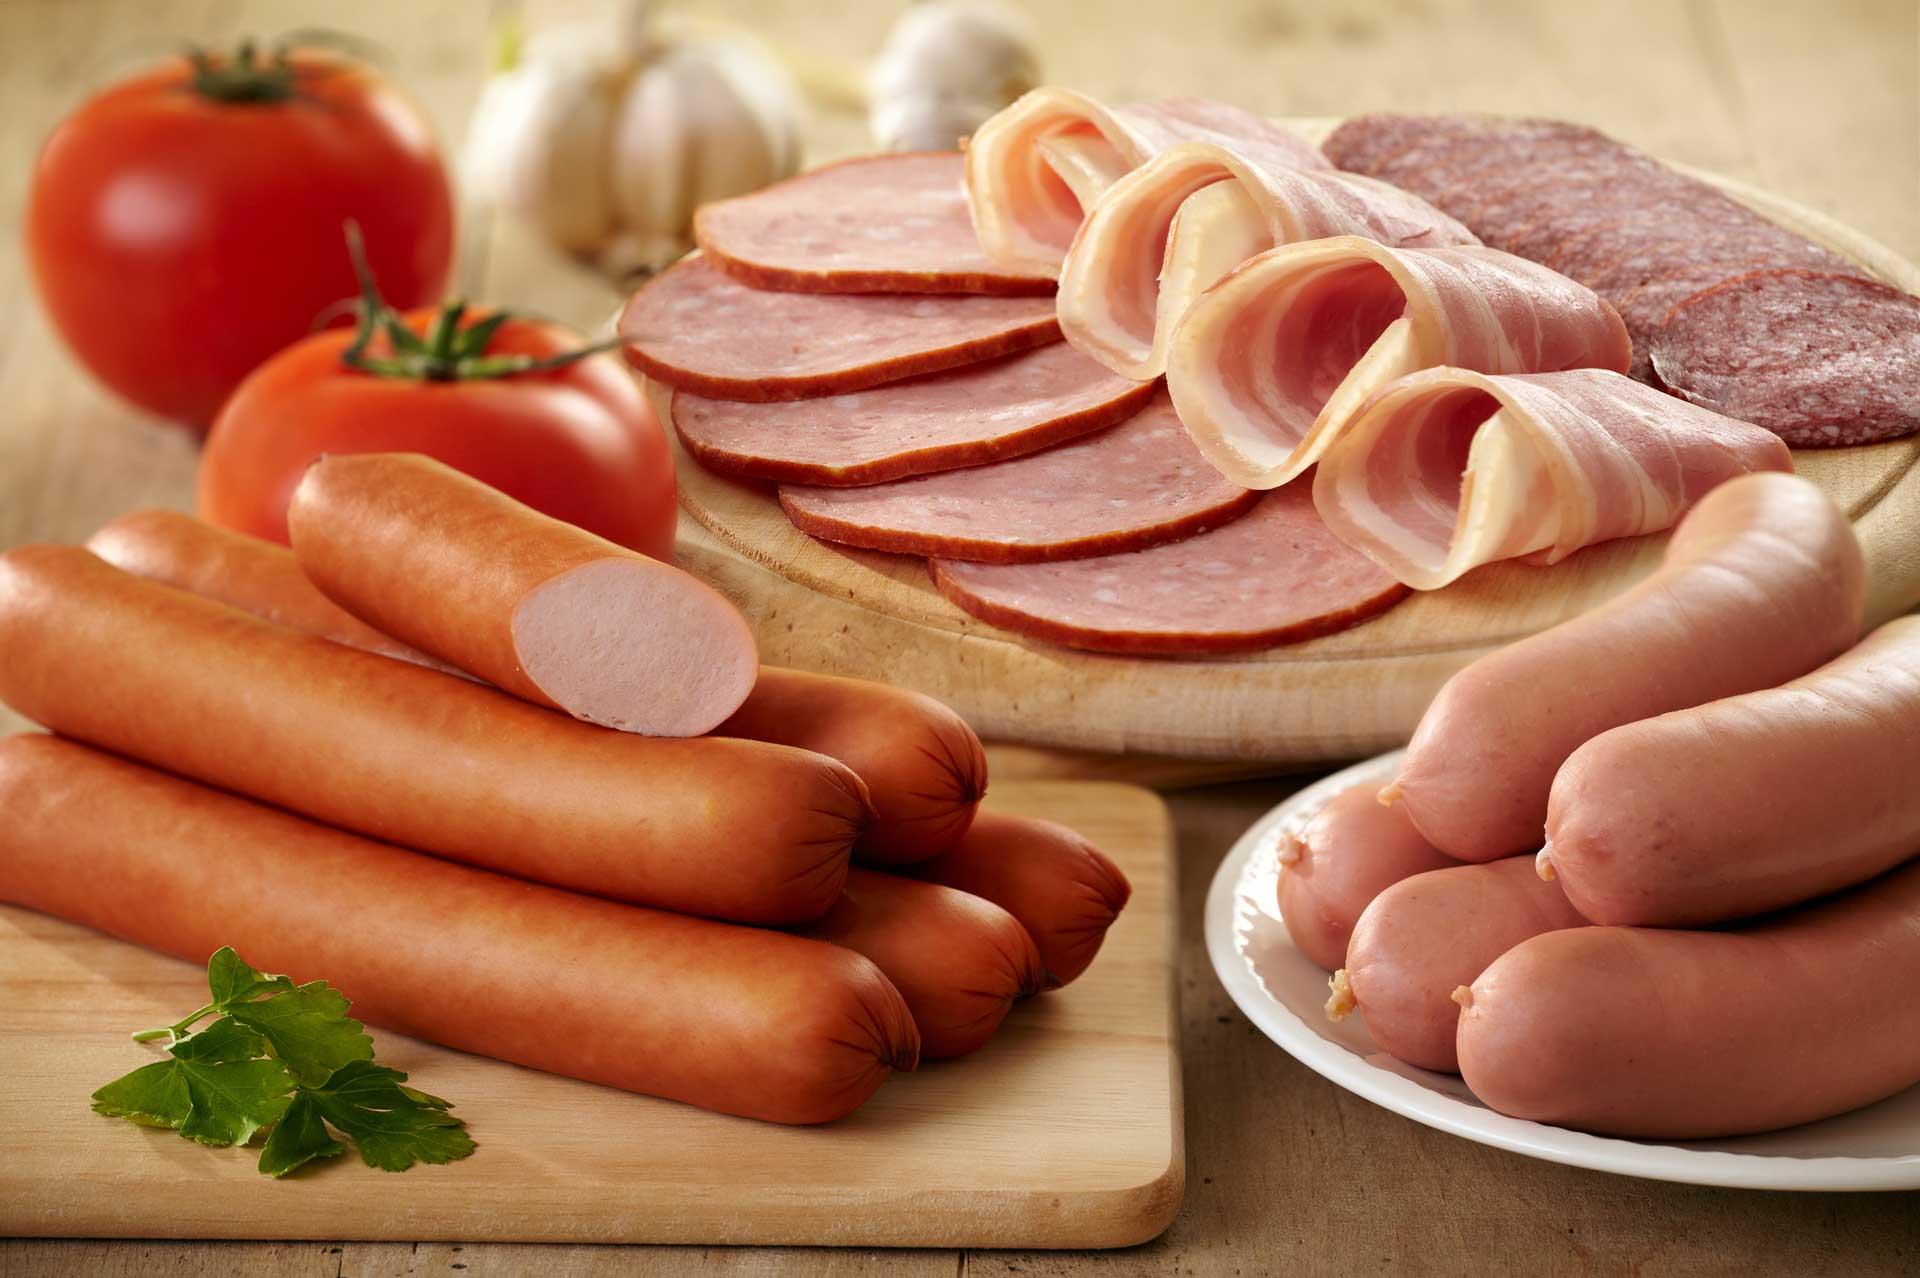 5 Makanan Berbahaya Yang Tidak Boleh di Konsumsi Secara Rutin 7